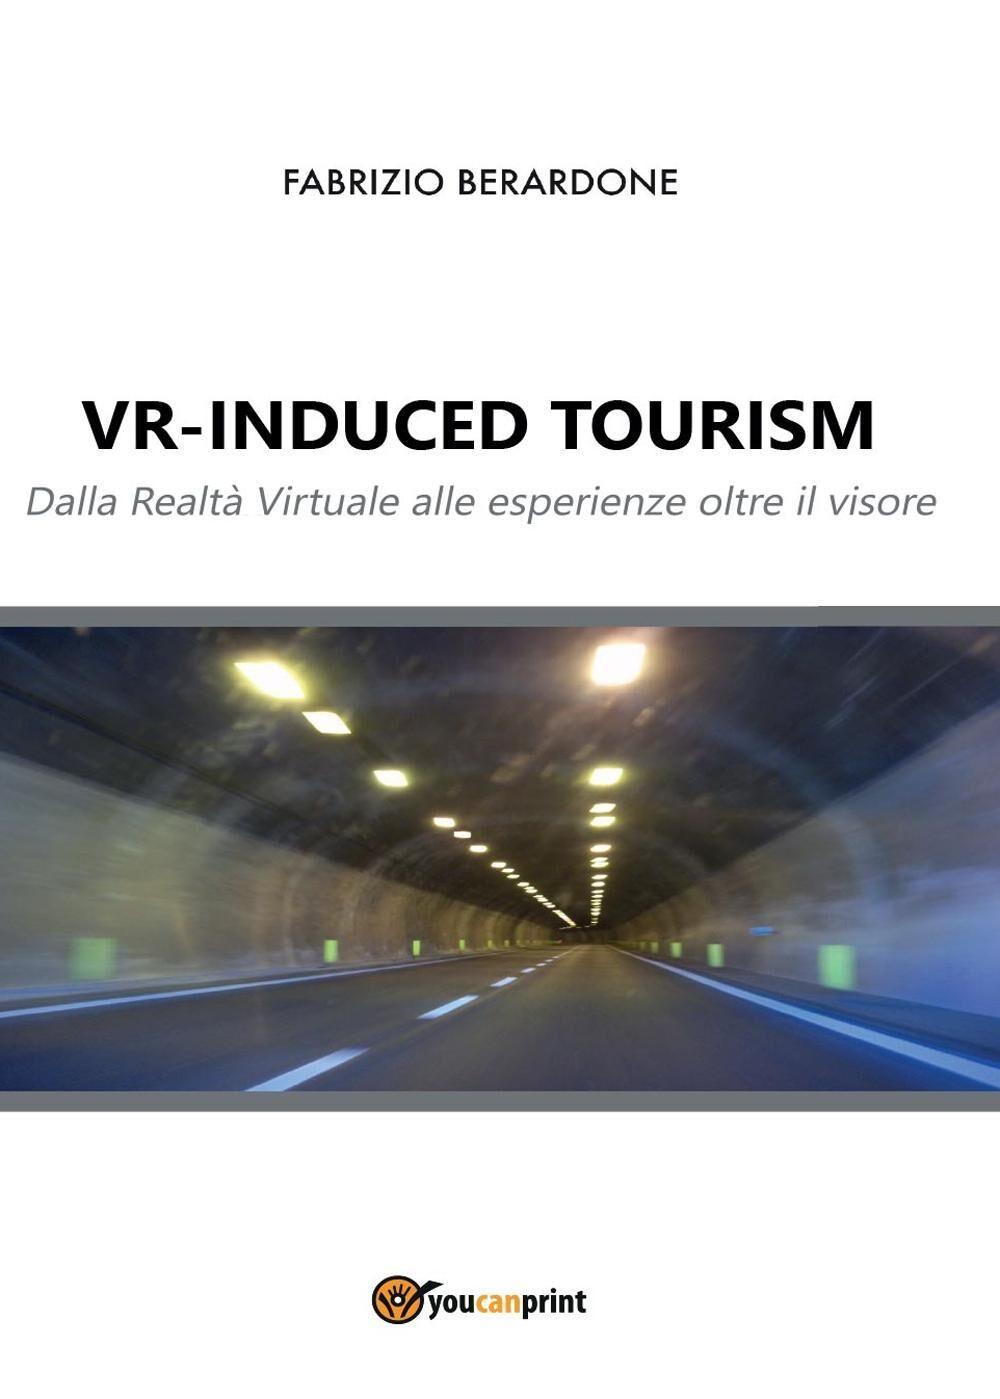 VR-induced tourism. Dalla realtà virtuale alle esperienze oltre il visore